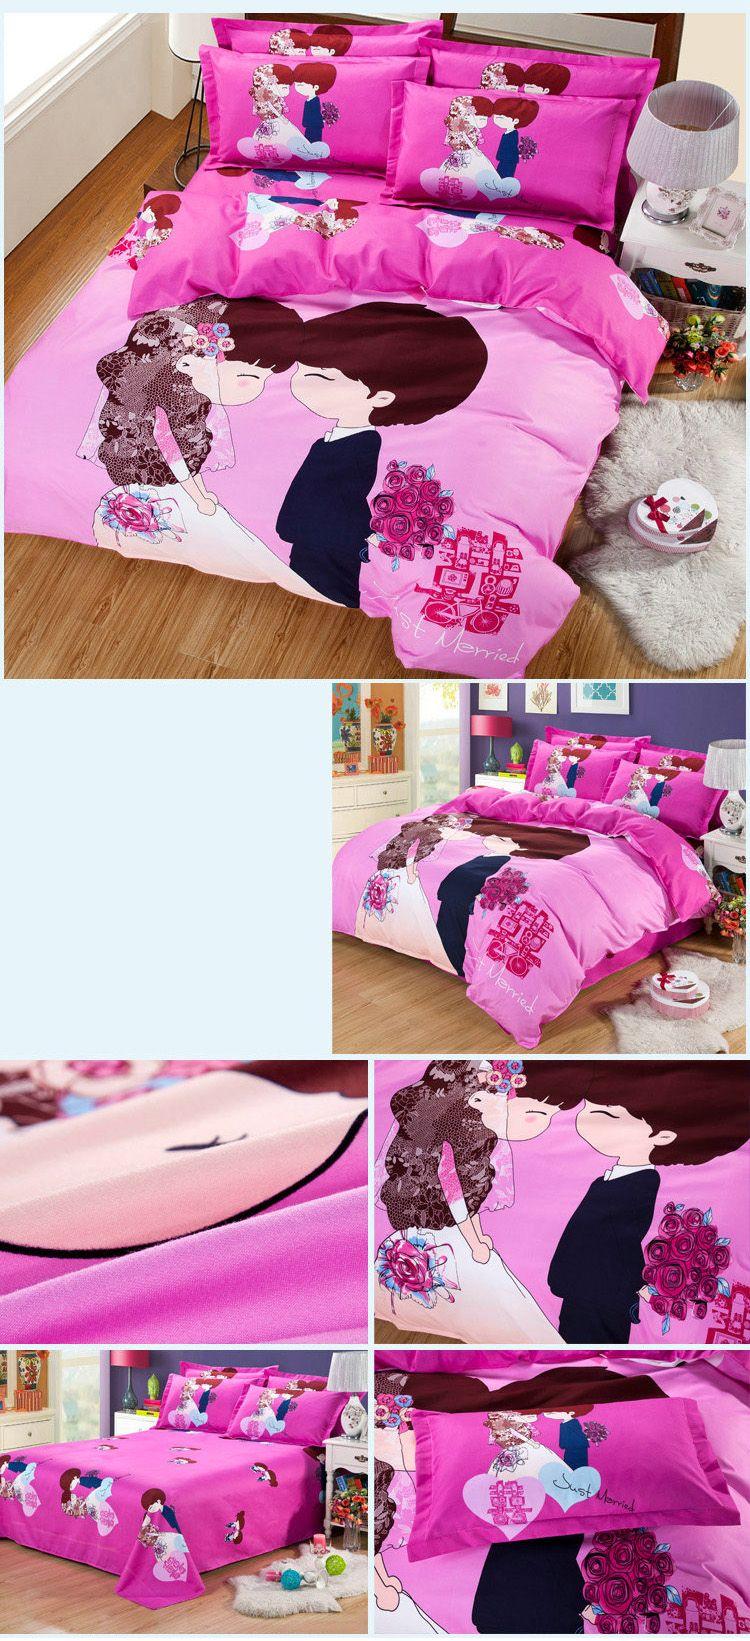 Autumn Edge set life  Pattern Bedding article Four piece suit